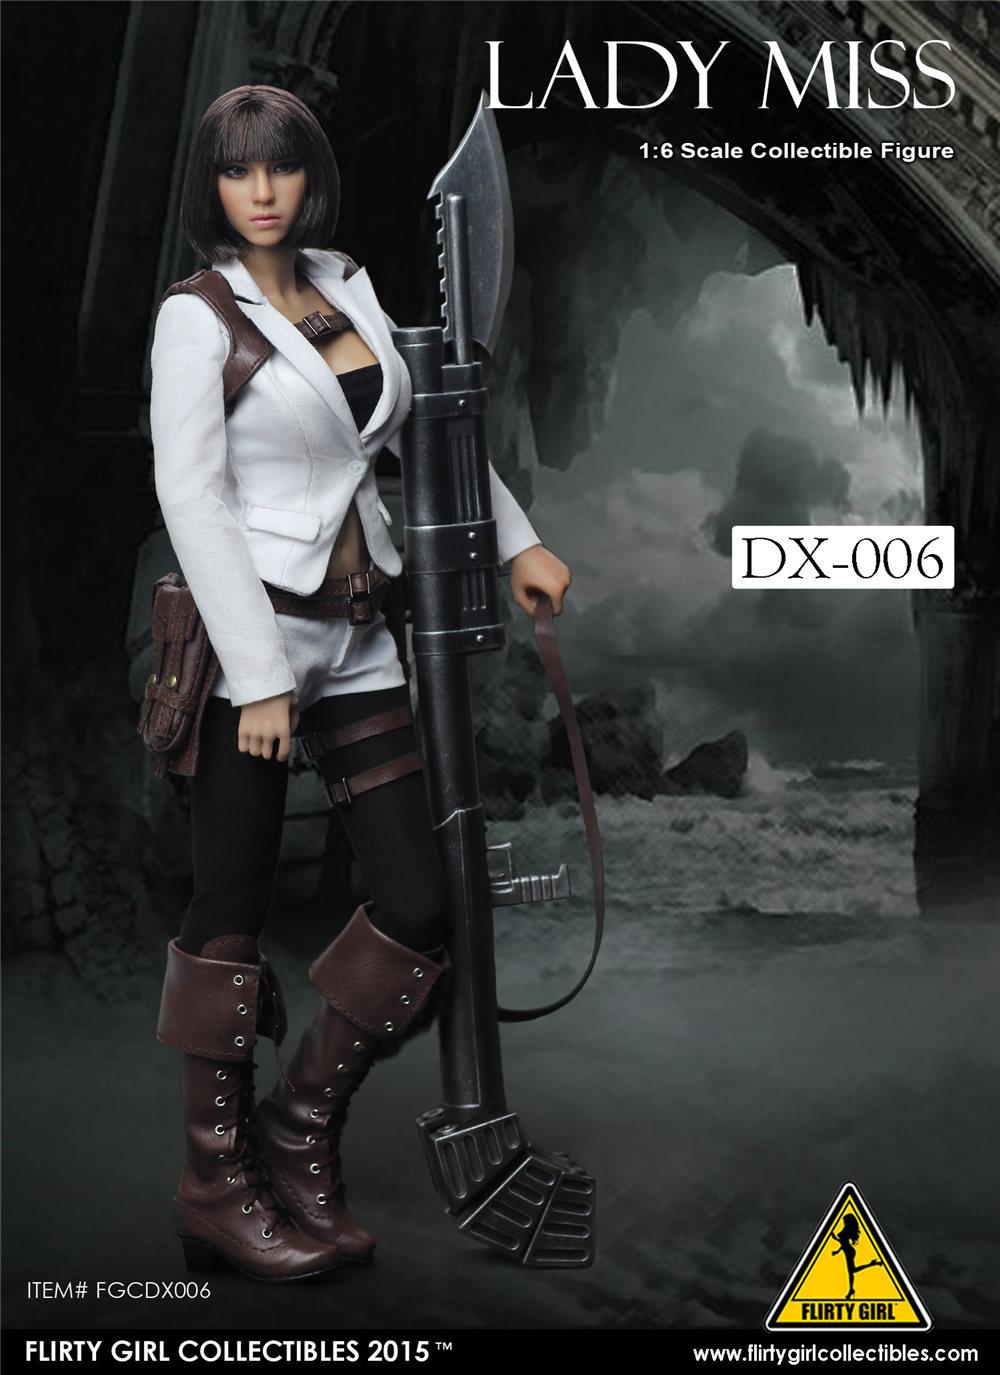 http://2.bp.blogspot.com/-bmUB19zhE7E/VXP2Fm4VbqI/AAAAAAAAjPQ/fIHI0-z0xd0/s1640/f3.jpg